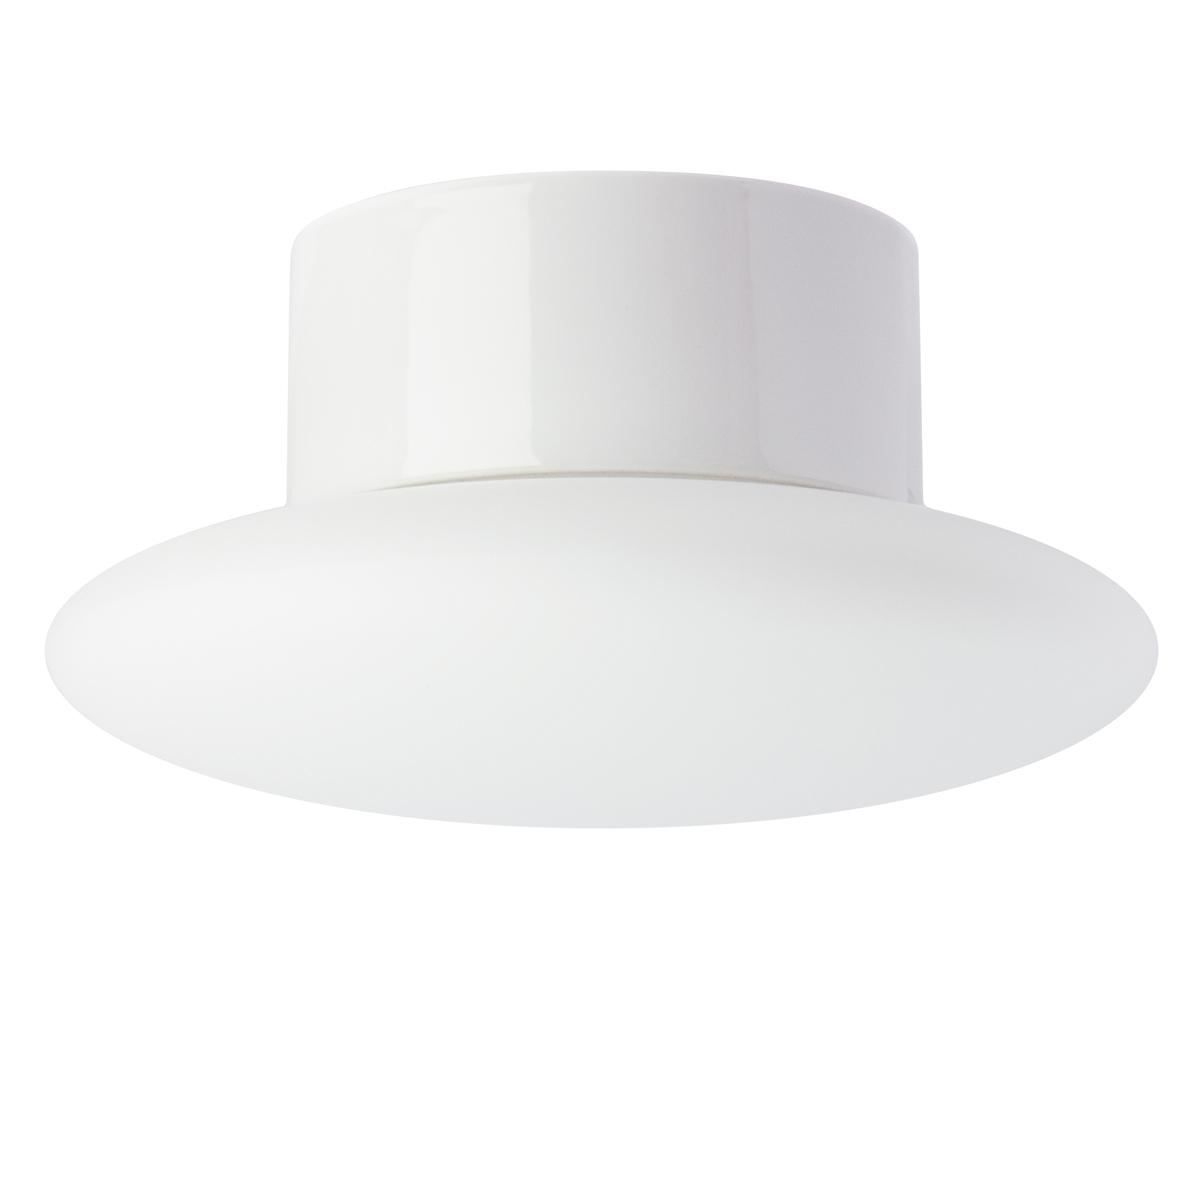 Plafonnier moderne en c ramique lampe scandinave pour for Plafonnier de salle de bain